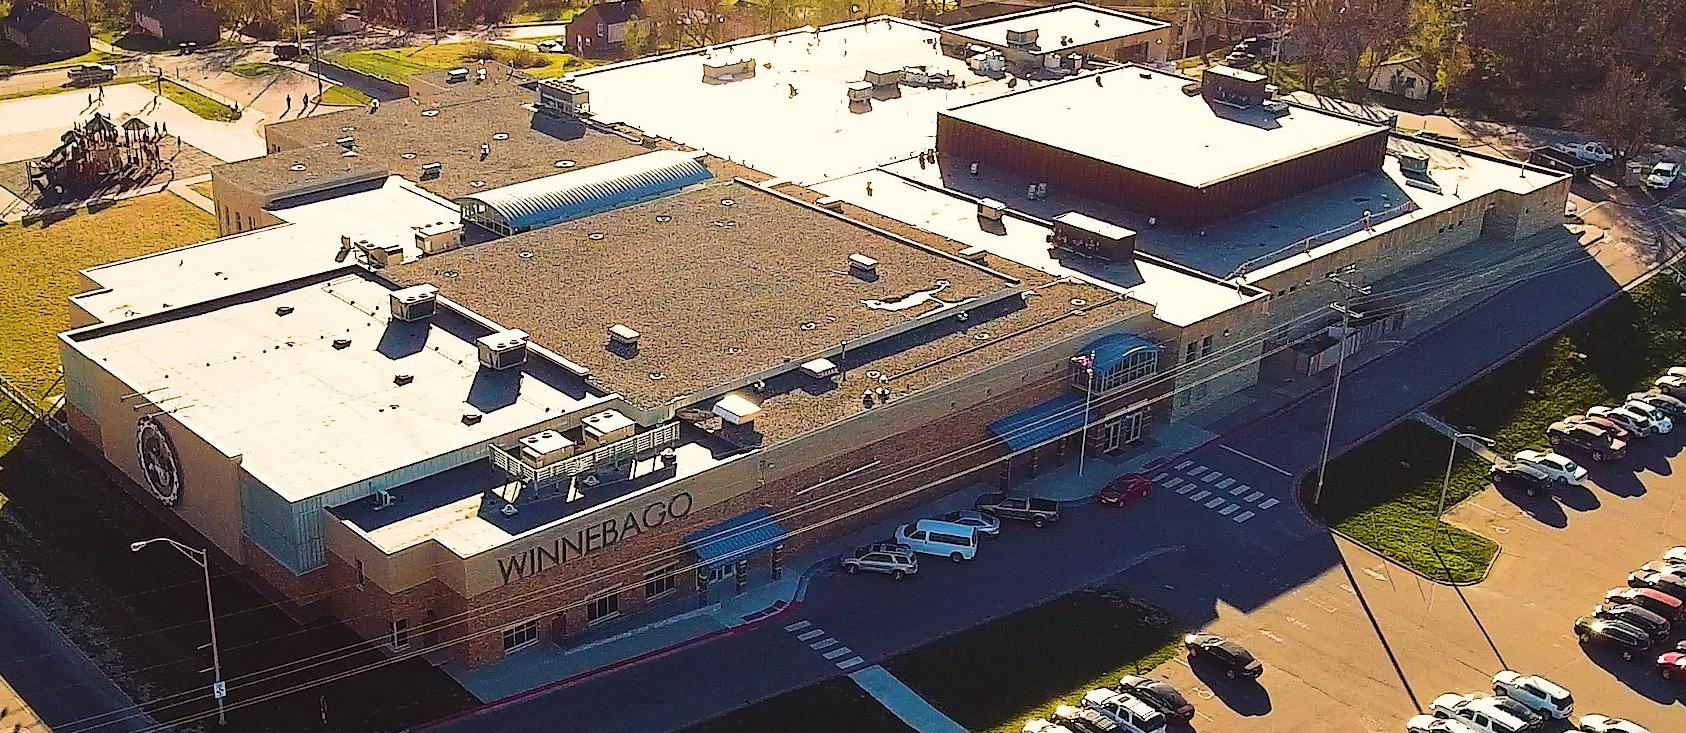 winebago drone picture